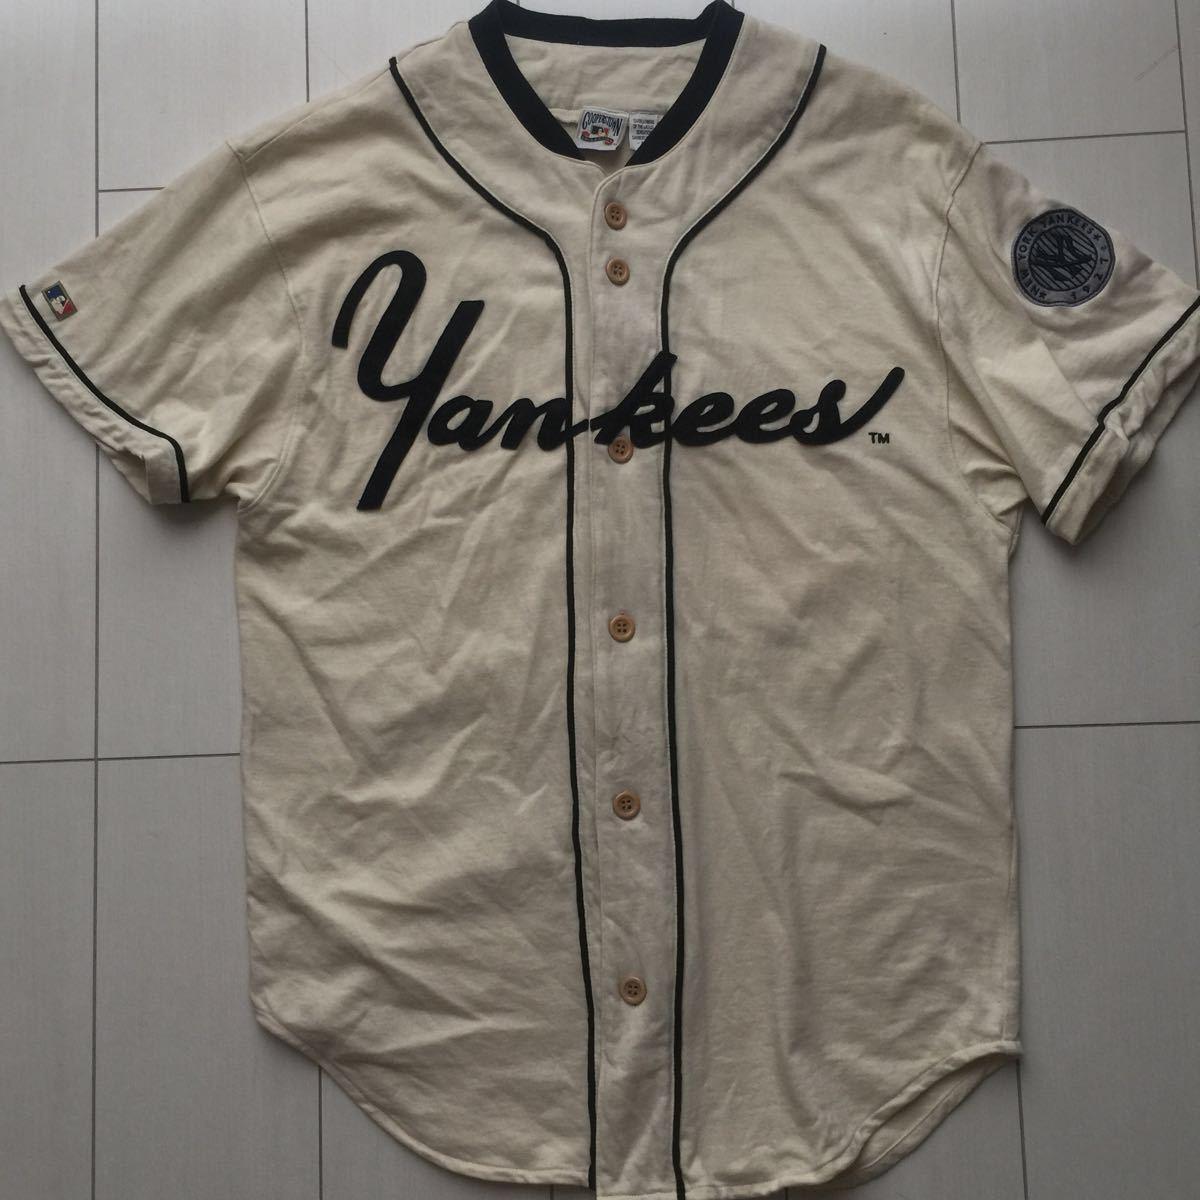 送料無料 coopers town baseball shirt new york yankees クーパーズタウン ヤンキース ベースボールシャツ old オールド 1927 vintage MLB_画像1